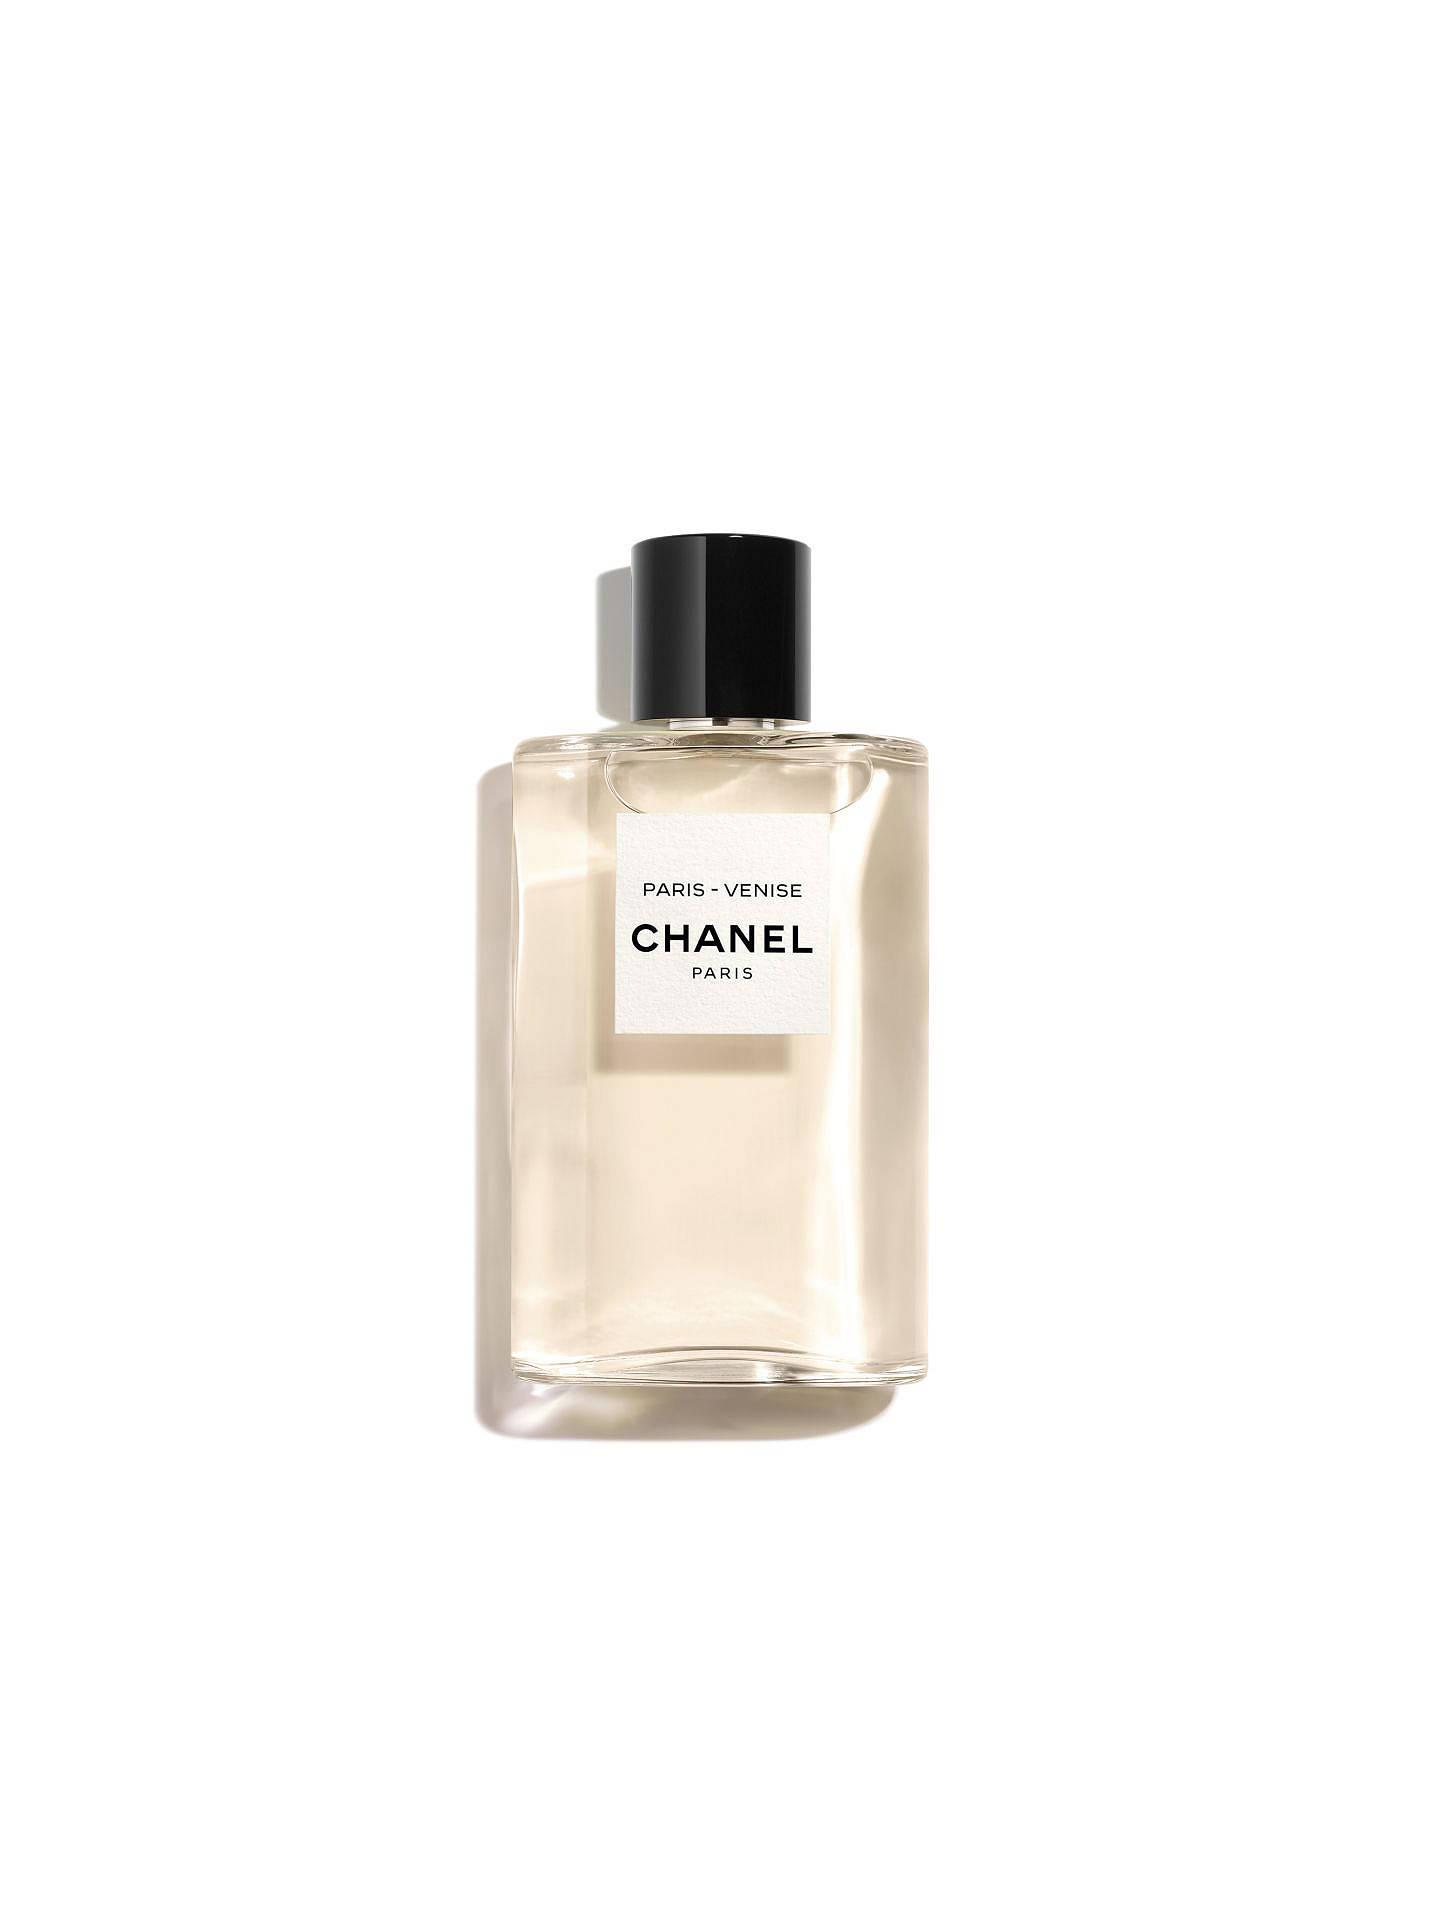 Chanel Les Eaux De Chanel Paris Venise Eau De Toilette Spray At